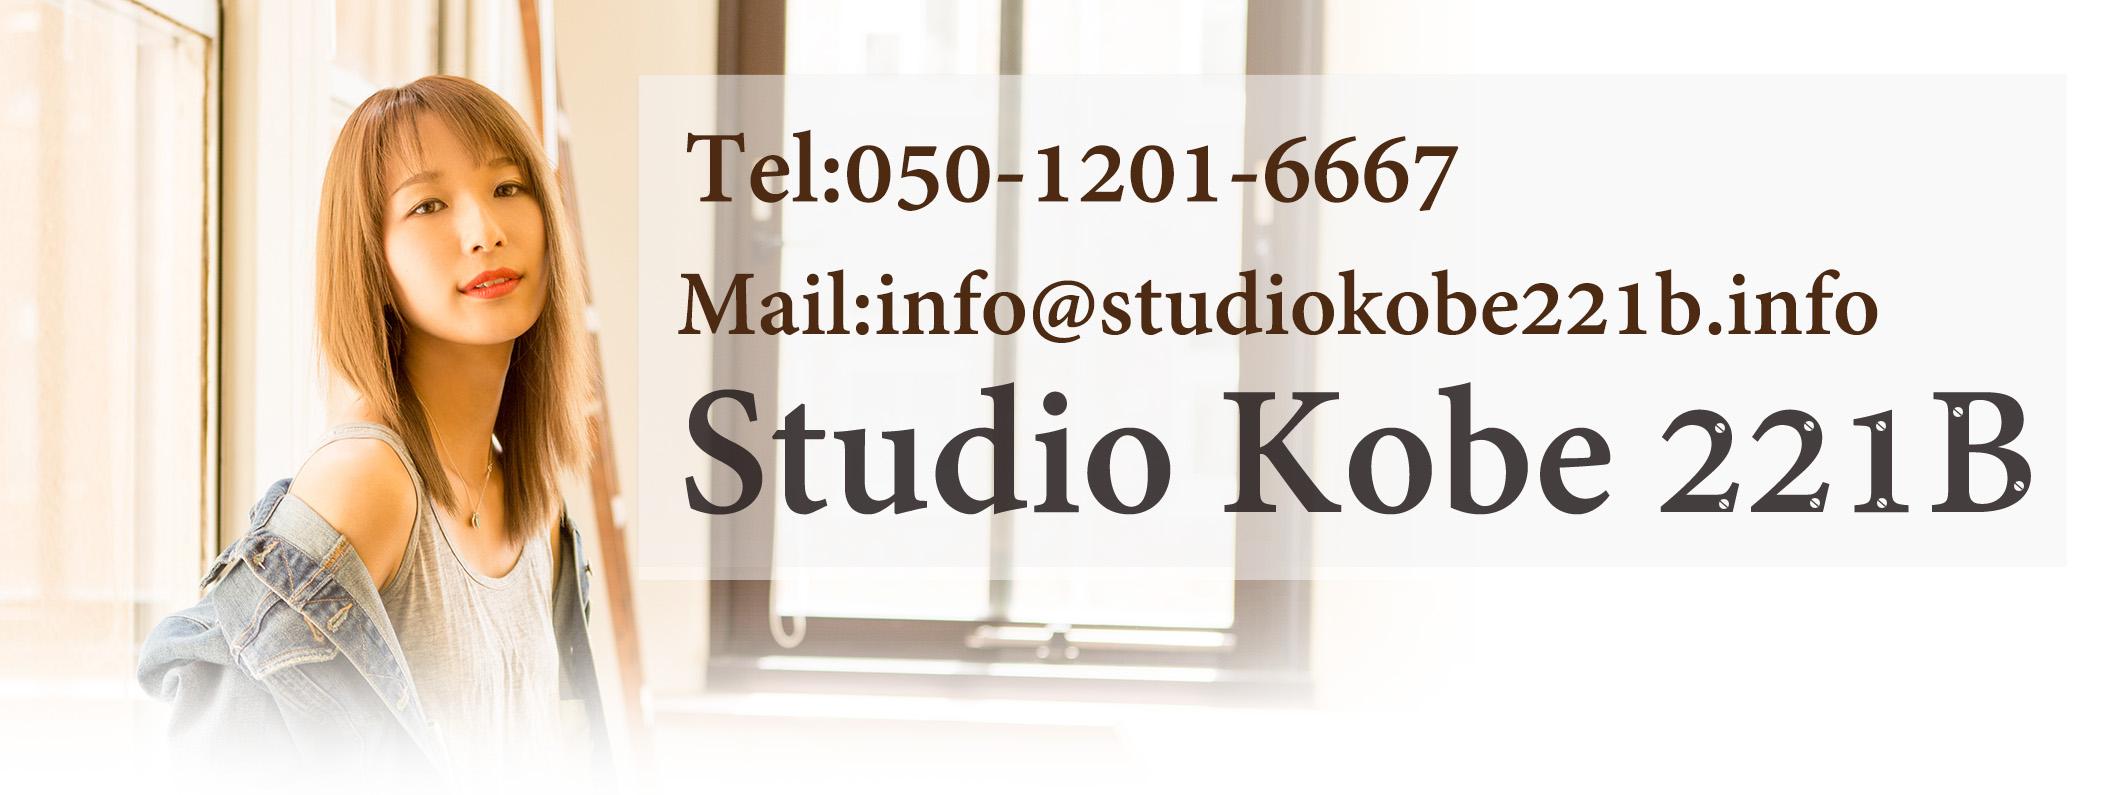 スタジオ神戸221B